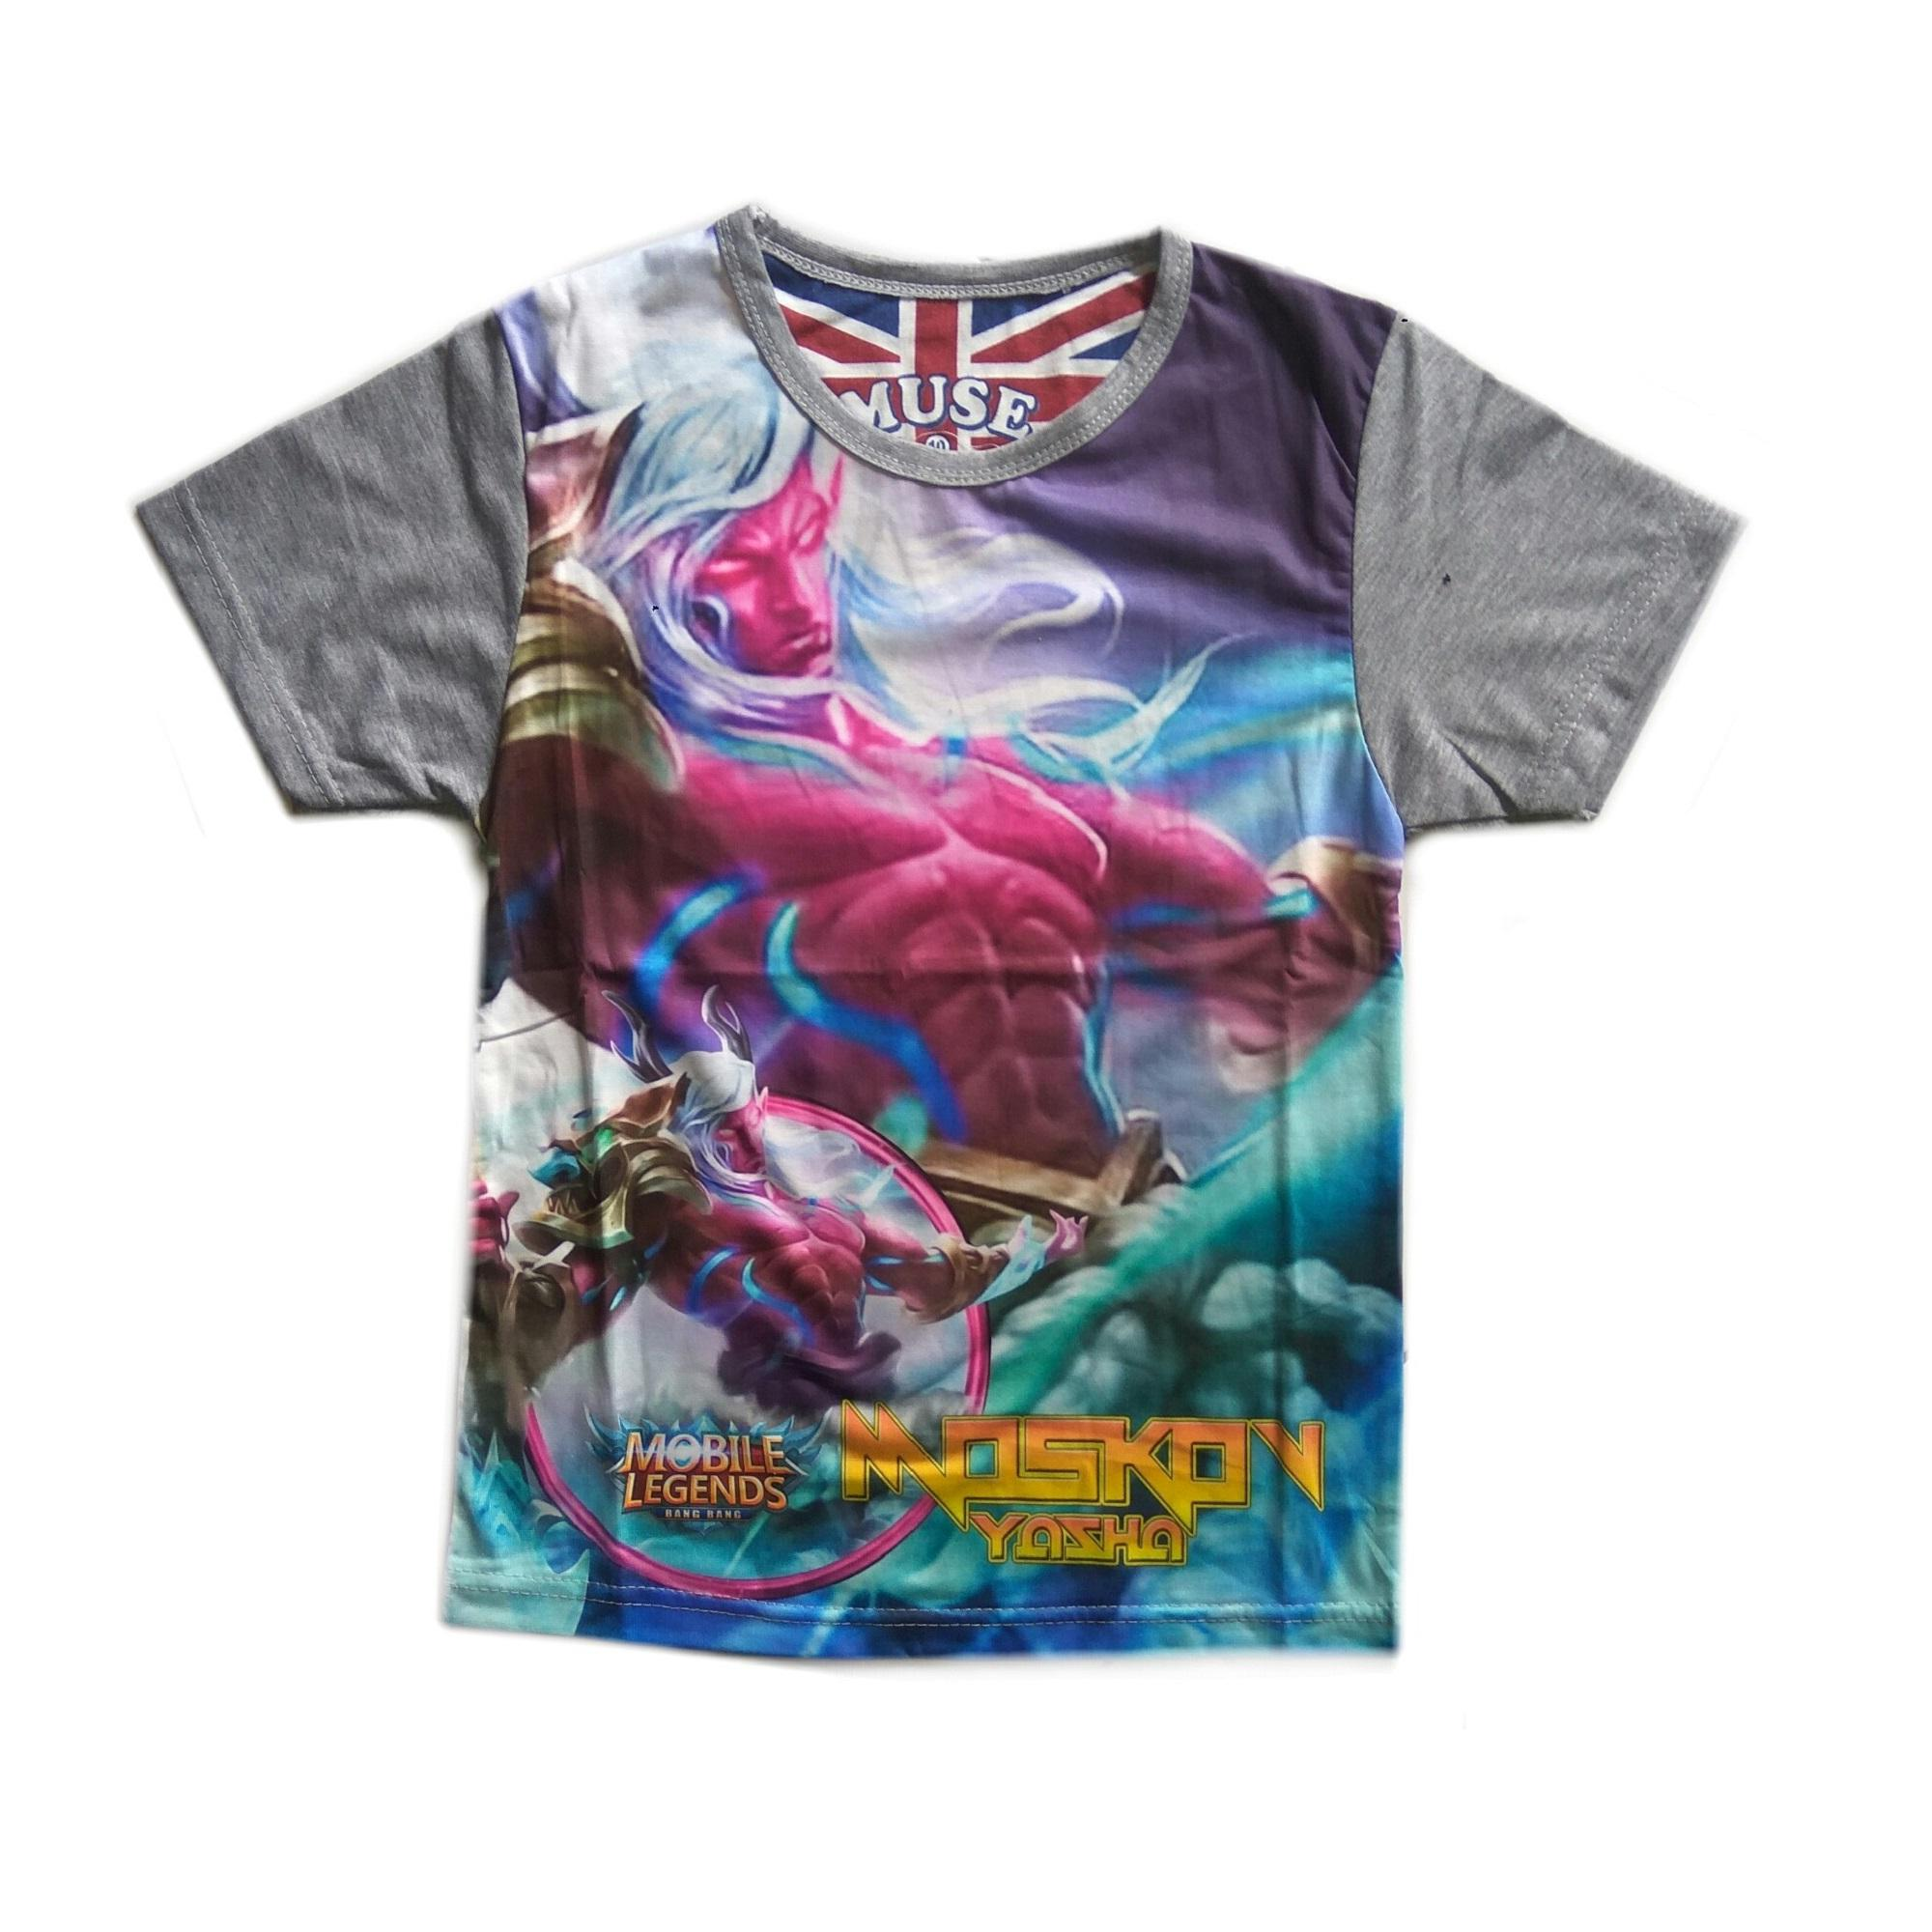 Jual Jasminesalsabila T Shirt Baju Kaos Anak Mobile Legend Full Printing Print Moskov